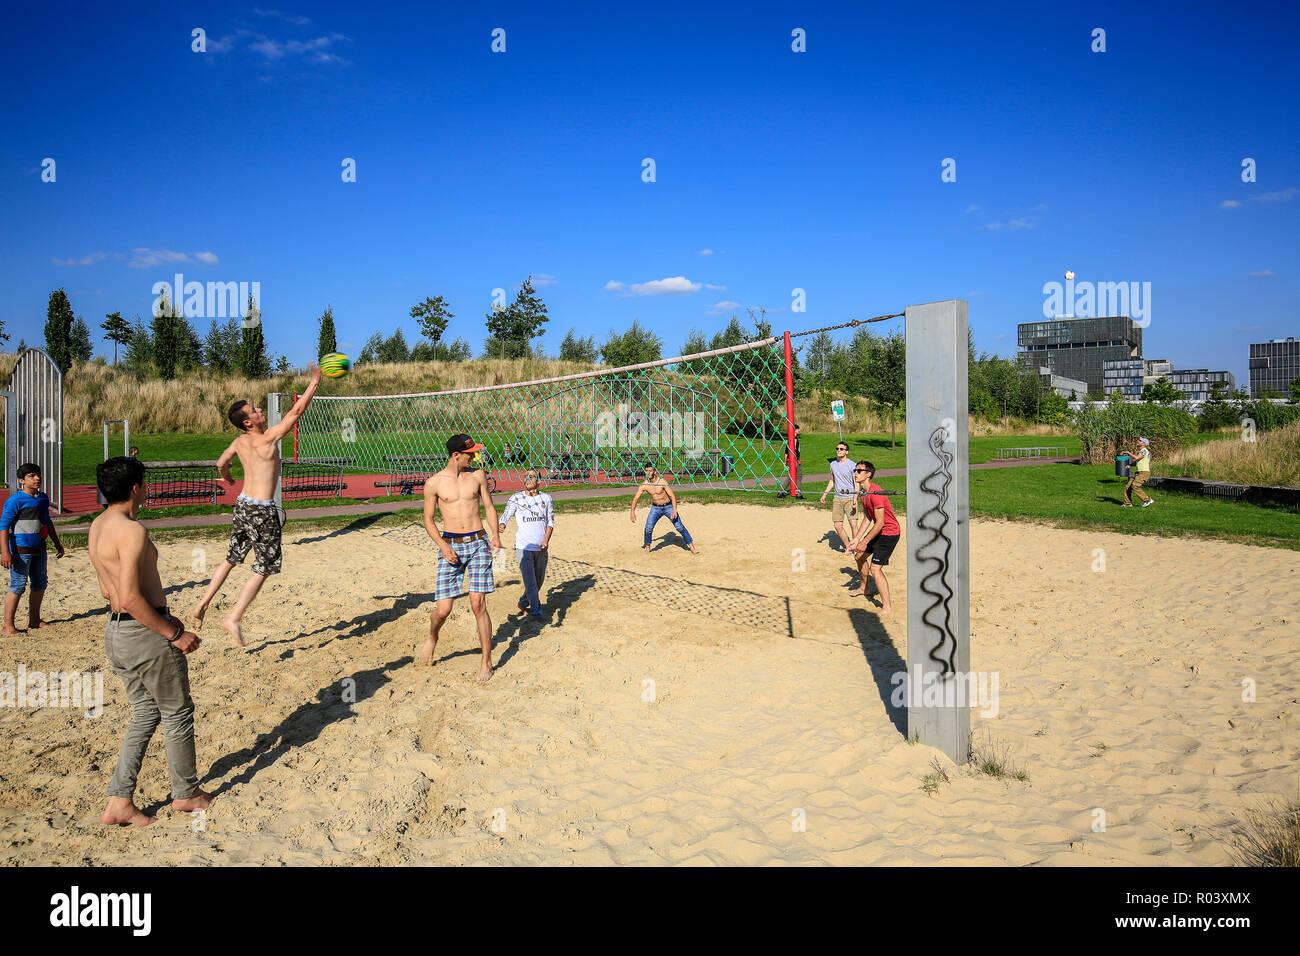 Essen, Ruhrgebiet, Germany, Krupp-Park, beach volleyball, urban development project Krupp-Guertel Stock Photo